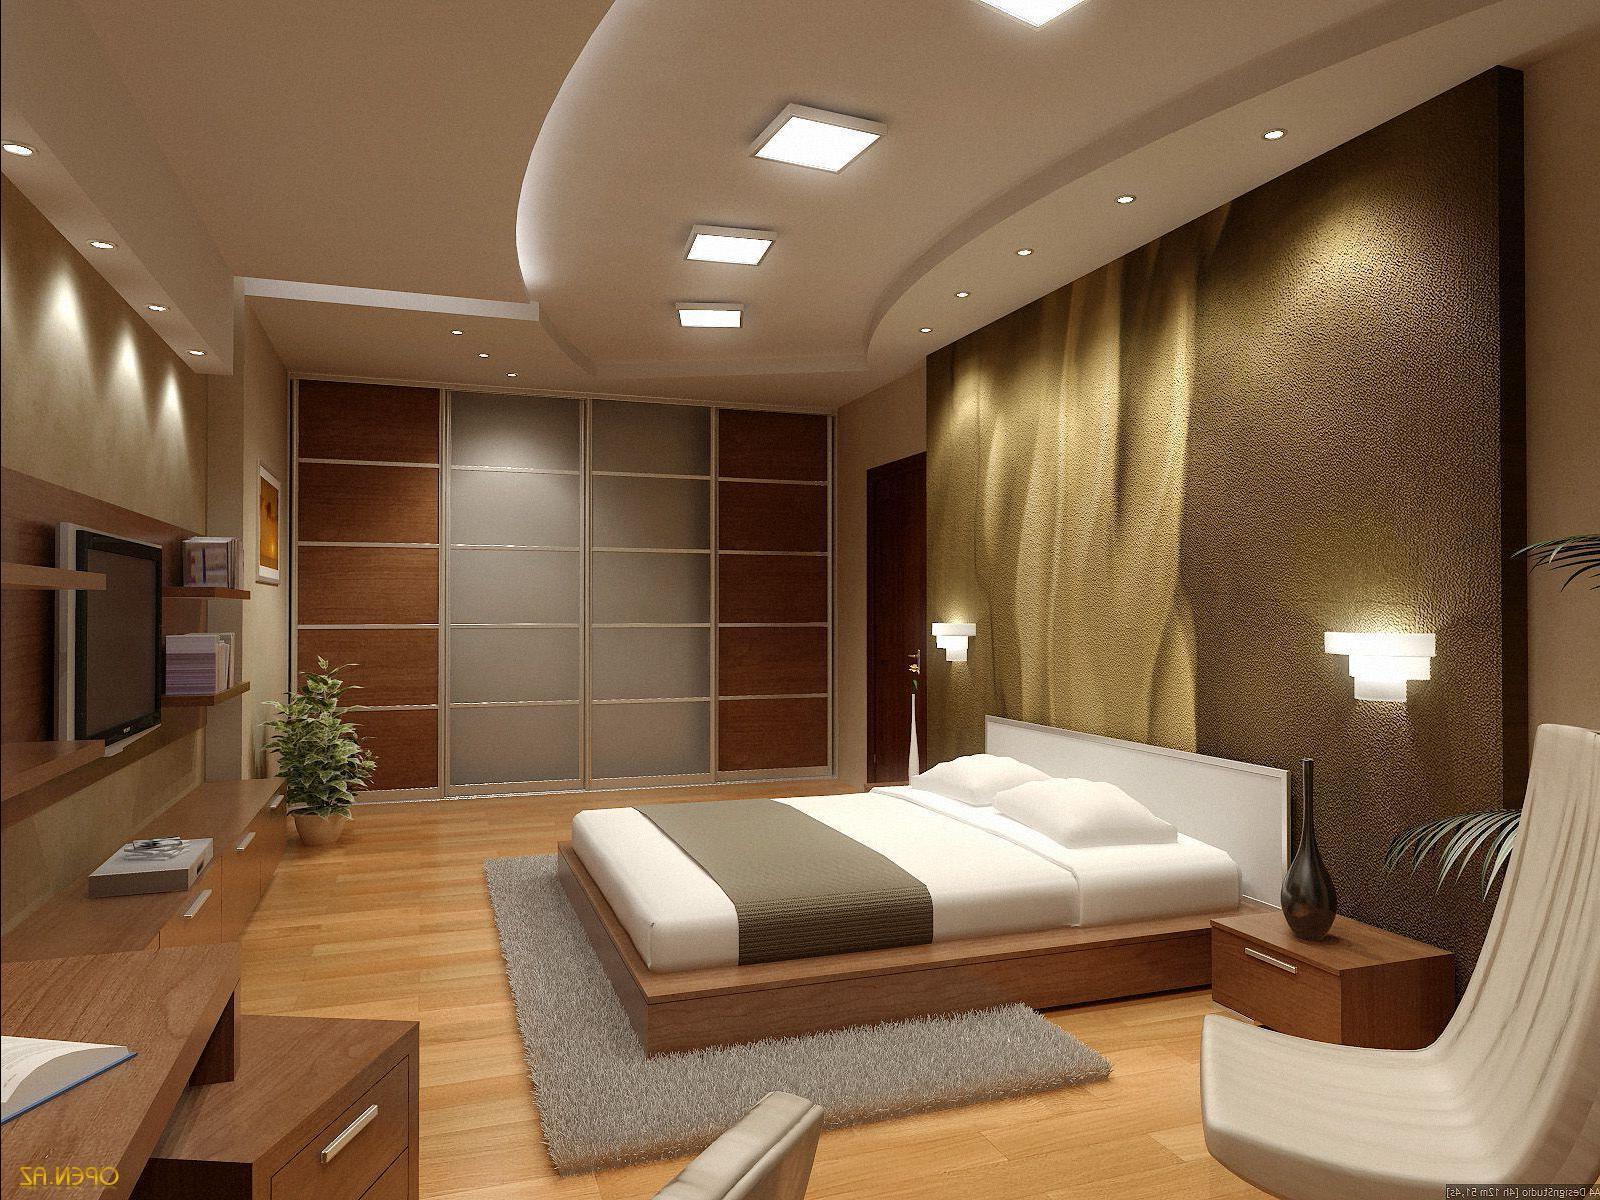 Идеи ремонта спальни фото в небольших квартирах: варианты в маленькой 89